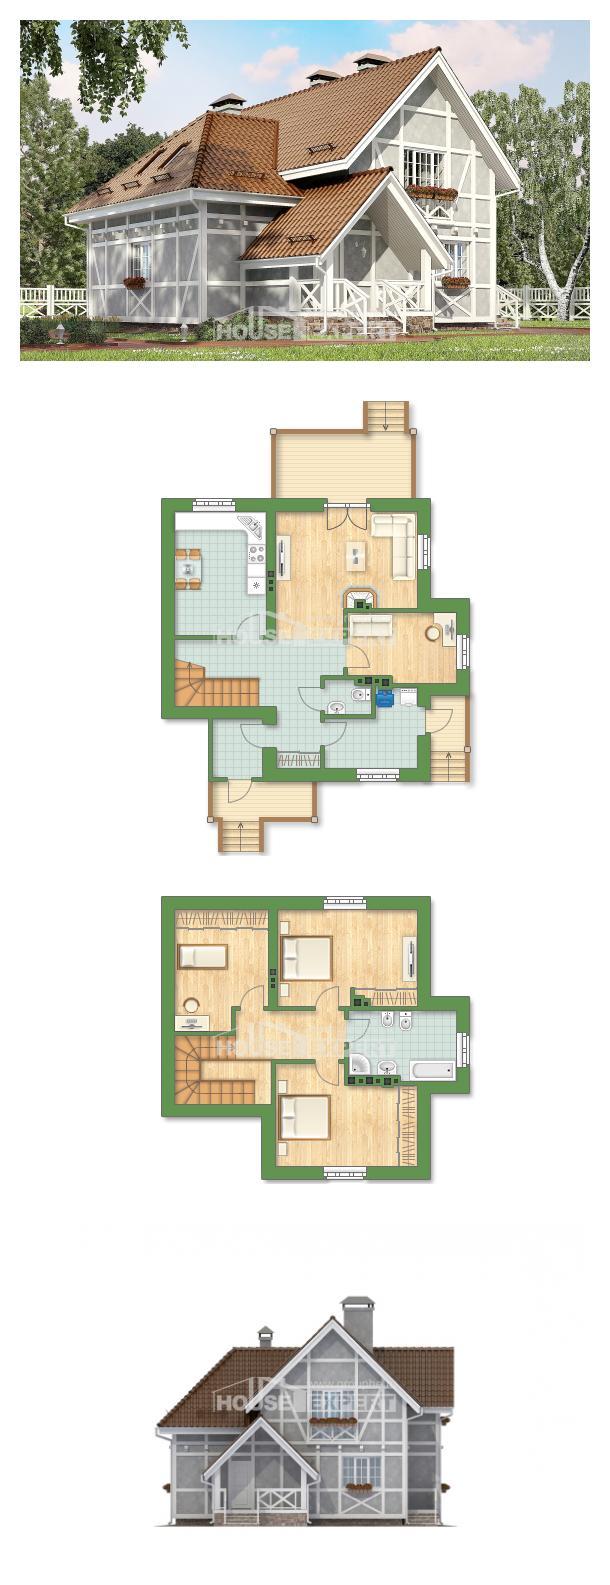 خطة البيت 160-003-L | House Expert